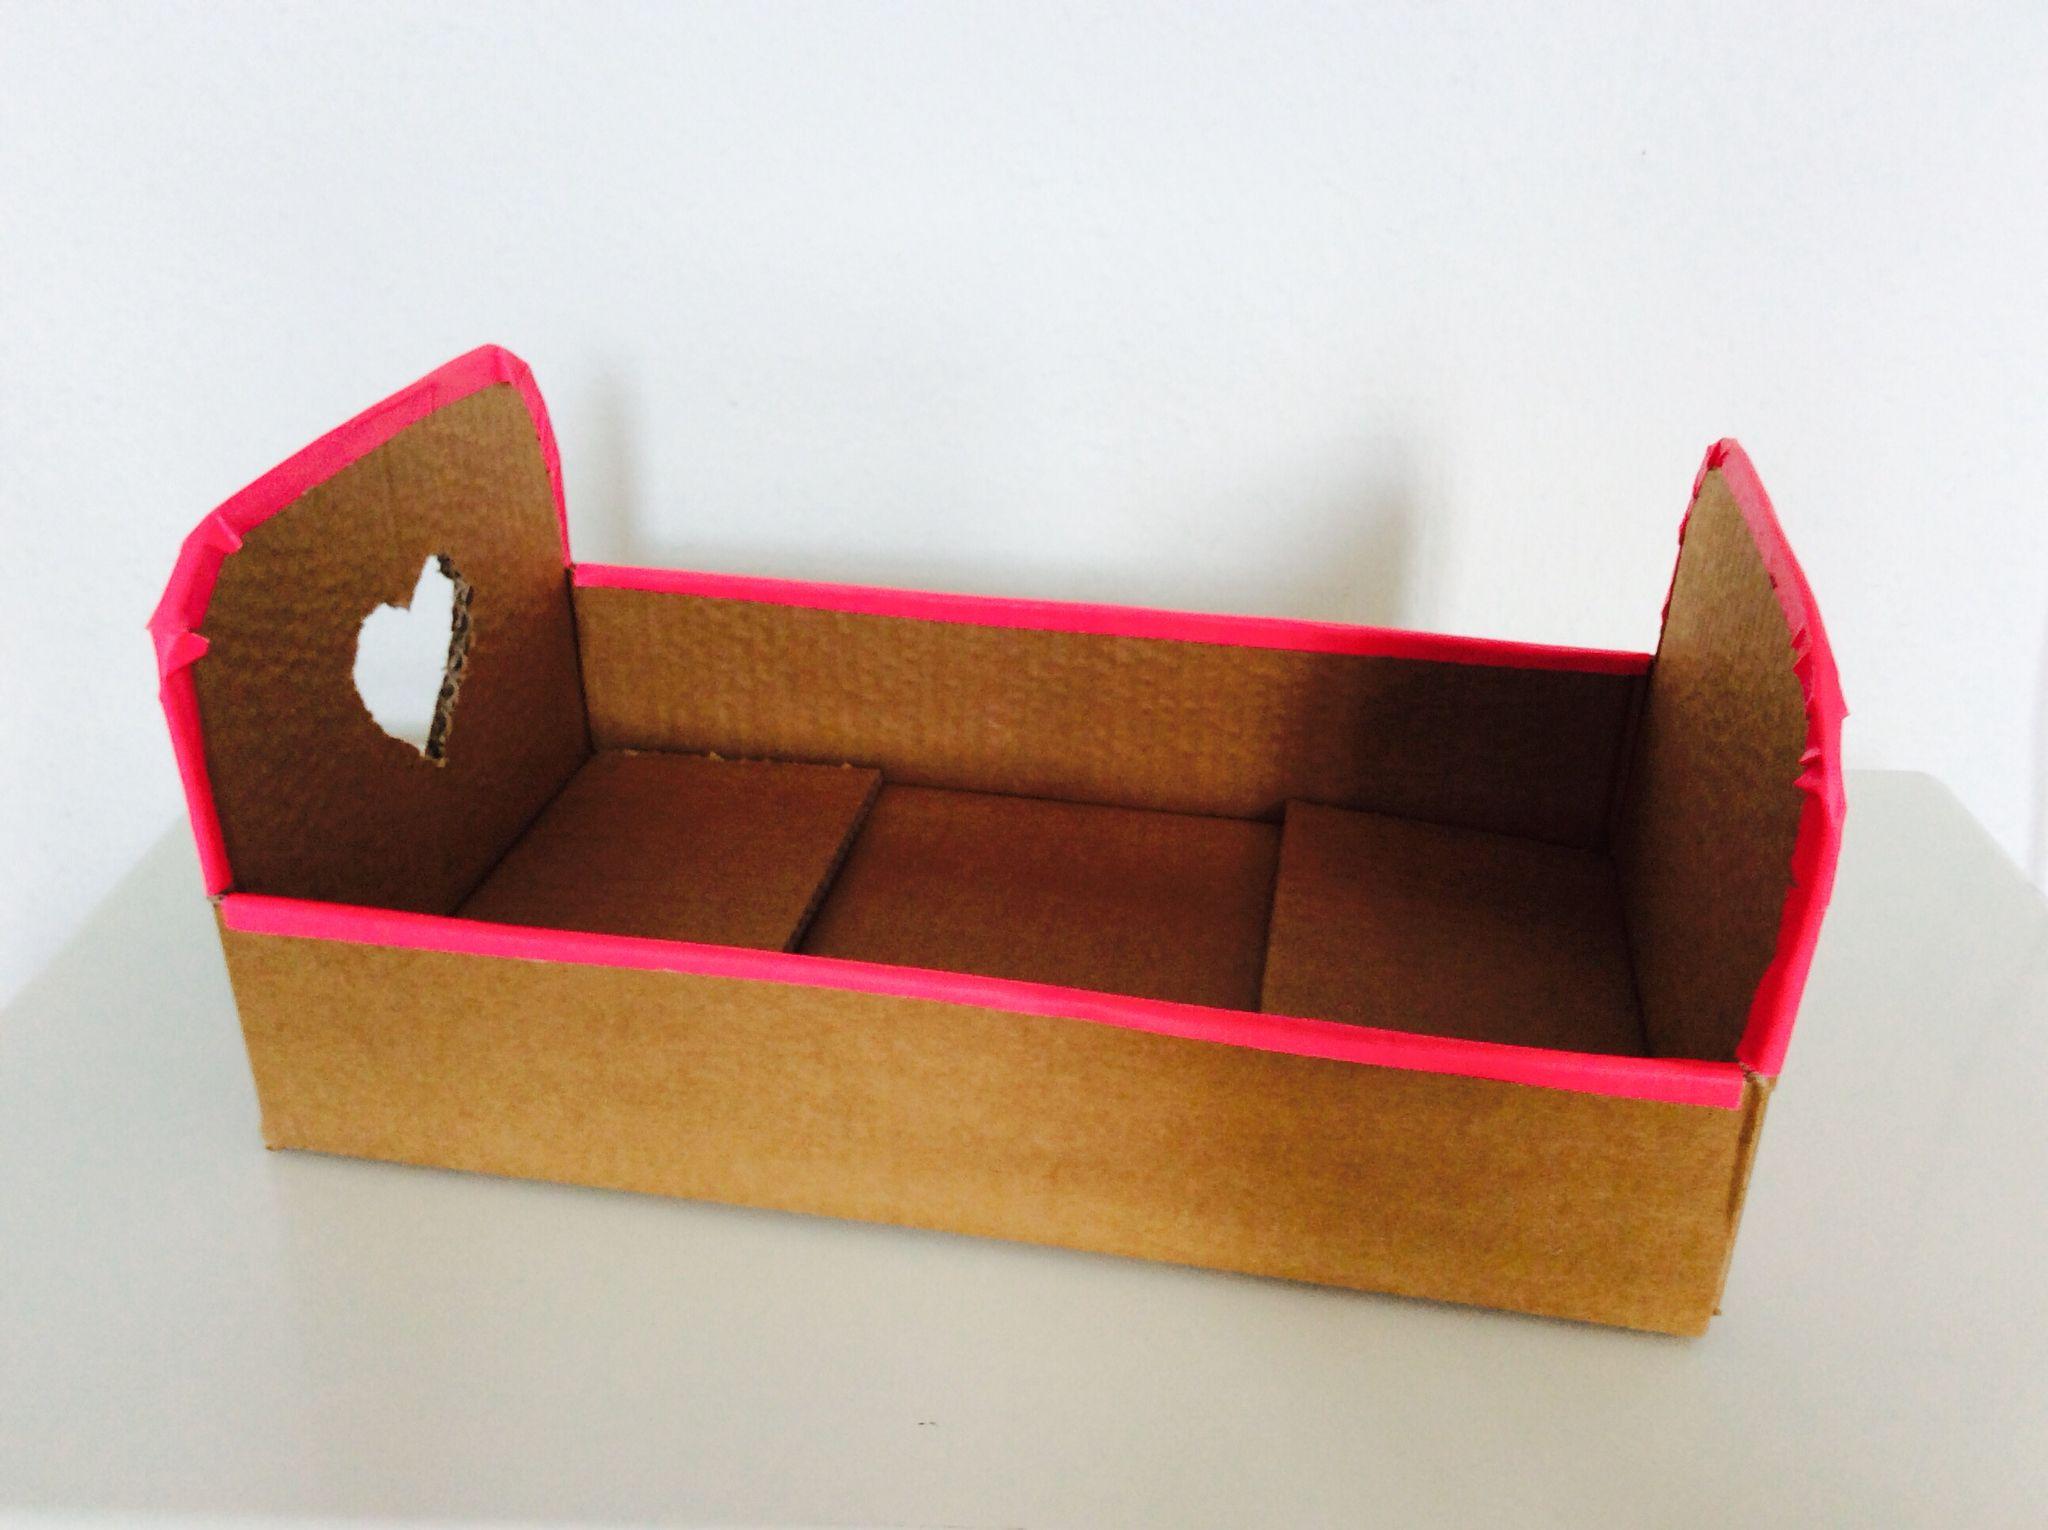 pin von genia s auf diy puppenbett projekt pinterest puppenbett karton und blogspot de. Black Bedroom Furniture Sets. Home Design Ideas